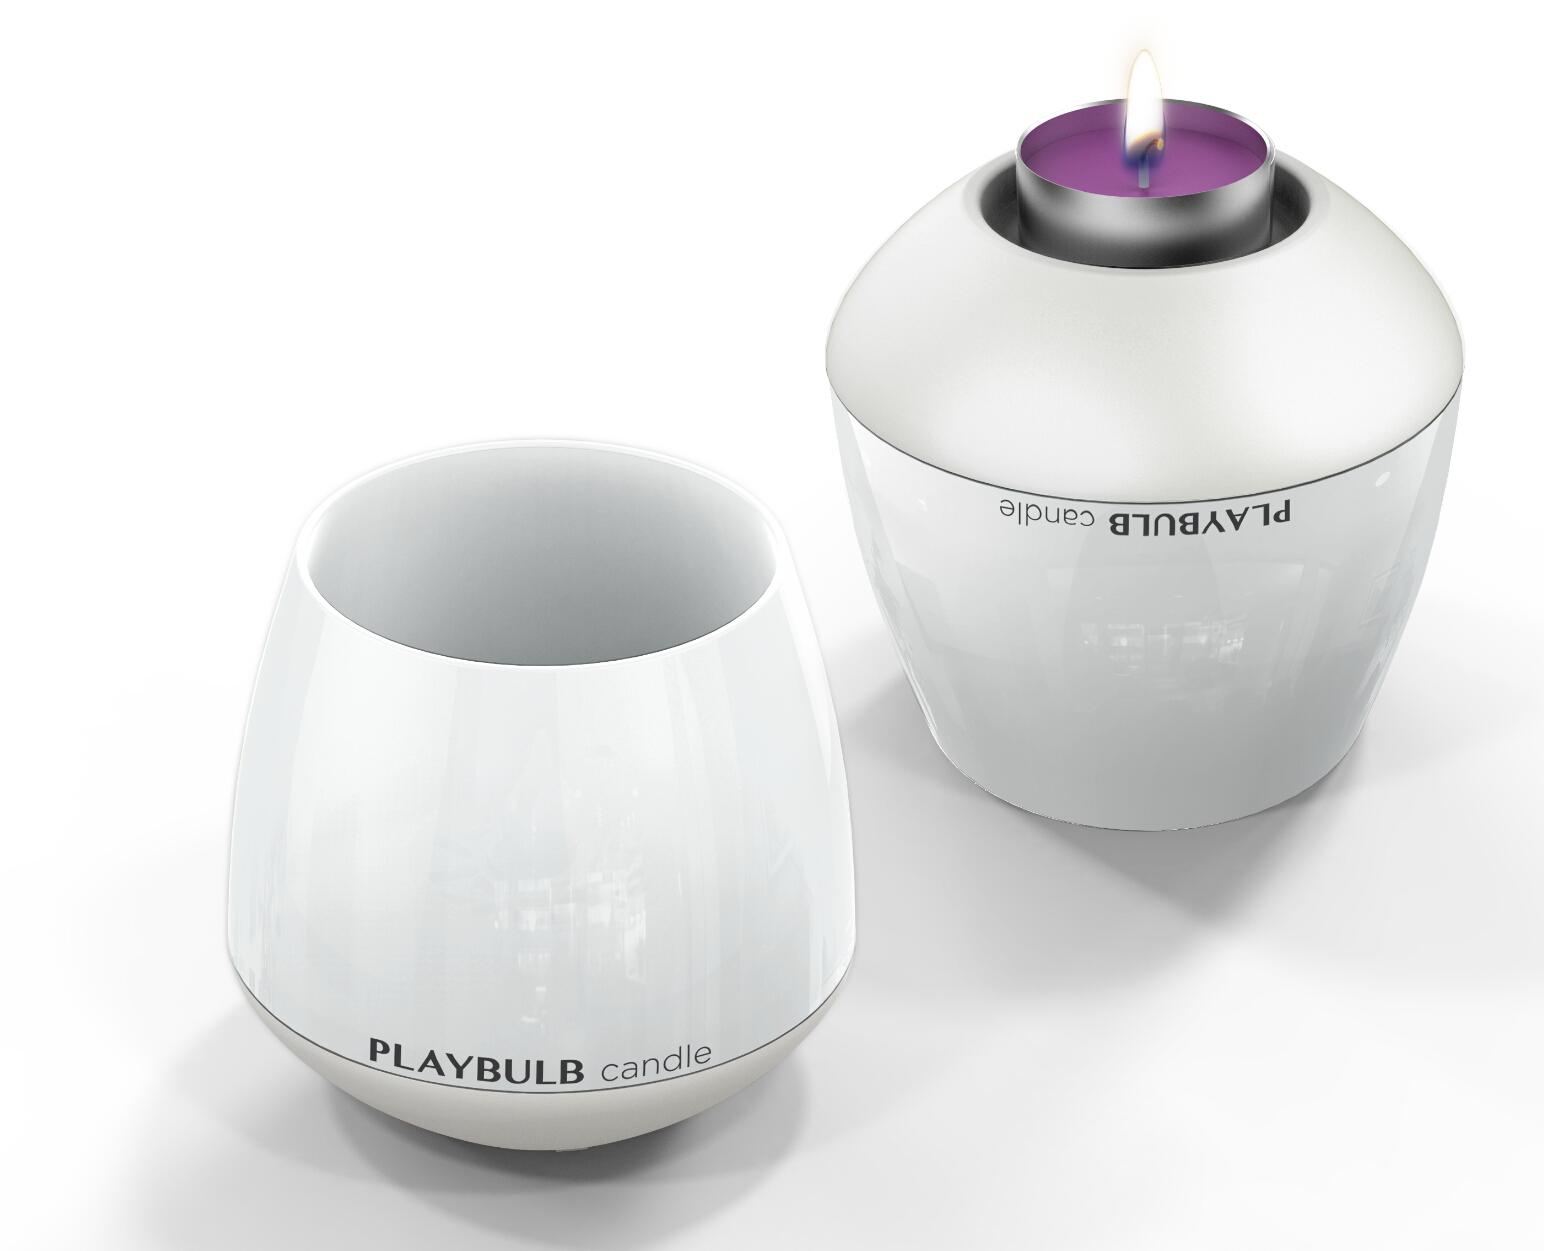 De Mipow Playbulb Candle is een stijlvolle kaars met led verlichting. En kleurt de ruimte met sfeervol licht via een gratis iOS- of Android-app op uw smartphone. http://www.cadeauxperts.nl/product/playbulb-candle/